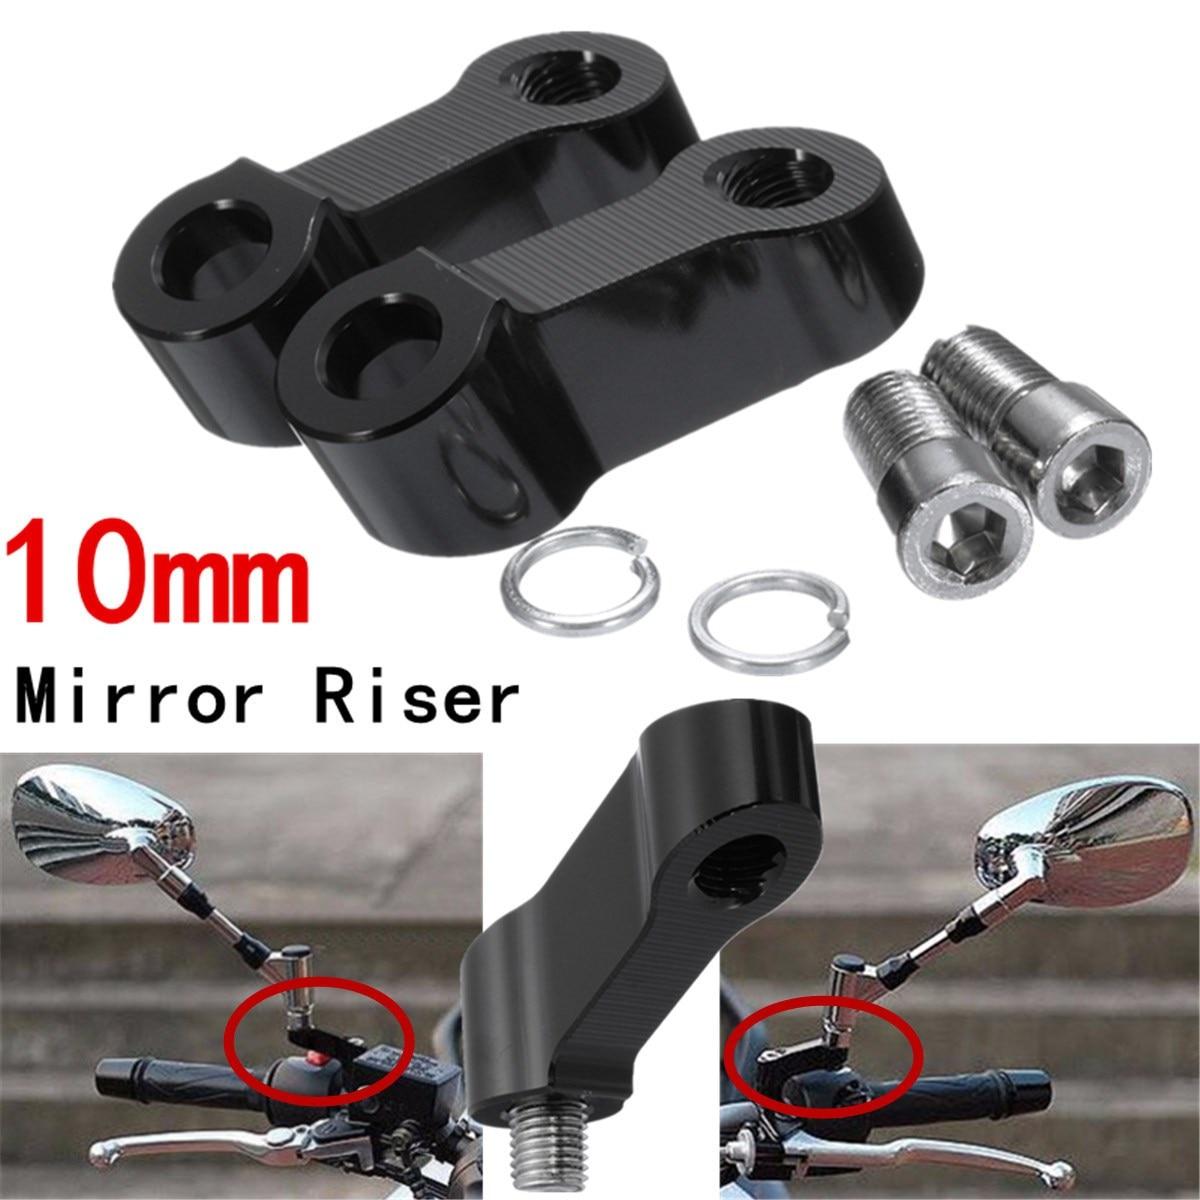 10mm M10 negro del montaje del manillar de espejo vertical extensor de adaptador